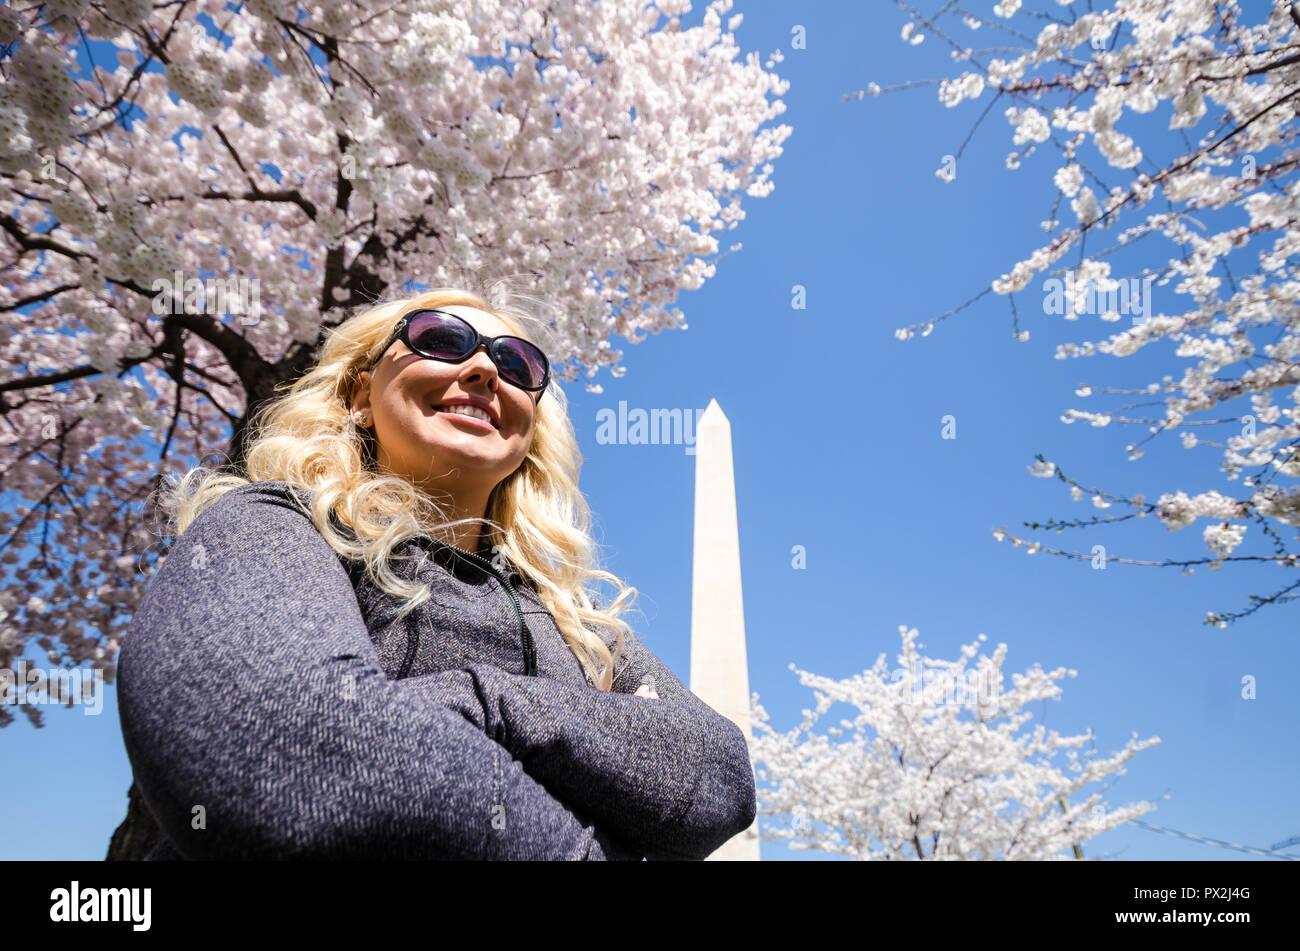 Femme blonde pose avec un sentiment de réalisation et d'accomplissement près du Monument de Washington avec des cerisiers en fleurs Photo Stock